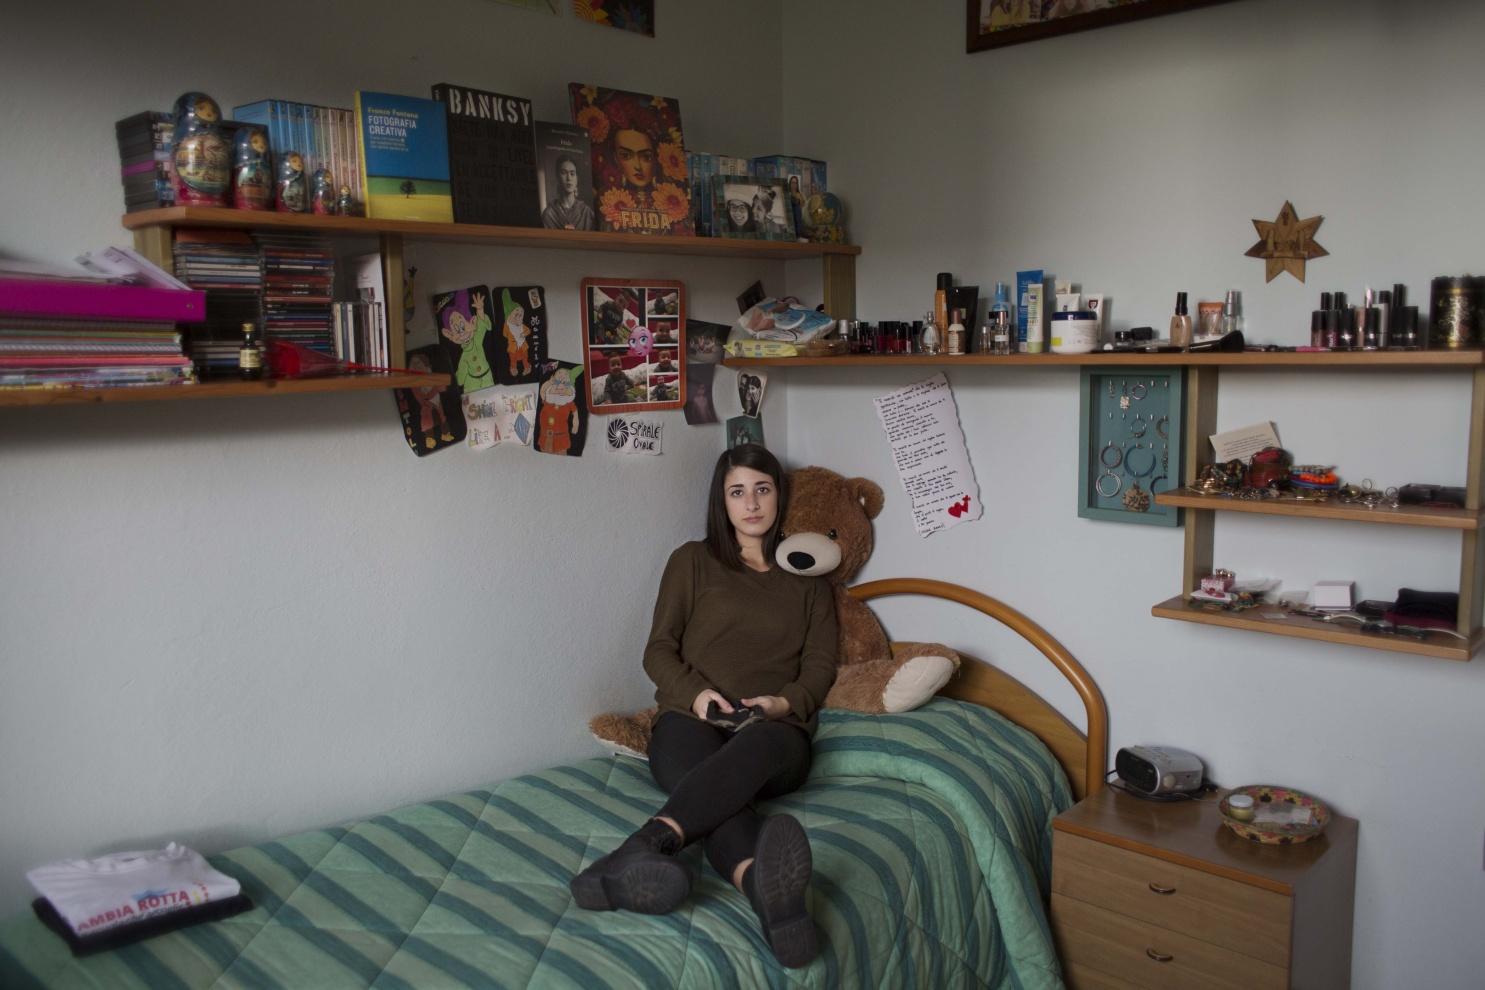 Erika, 21 anni, Mogoro (OR) - - Vorrei studiare Interior Design ma non voglio gravare con le spese dell'Università sui miei genitori.